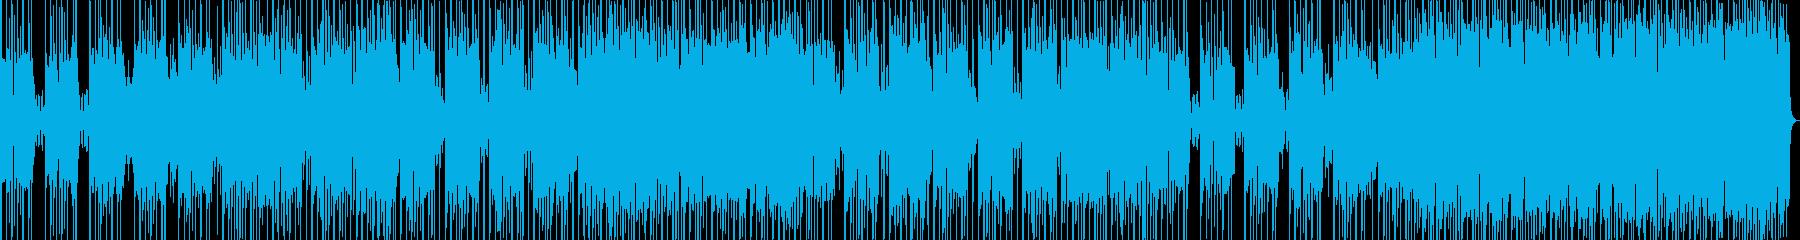 高揚感あるポップで明るいメロディーの再生済みの波形